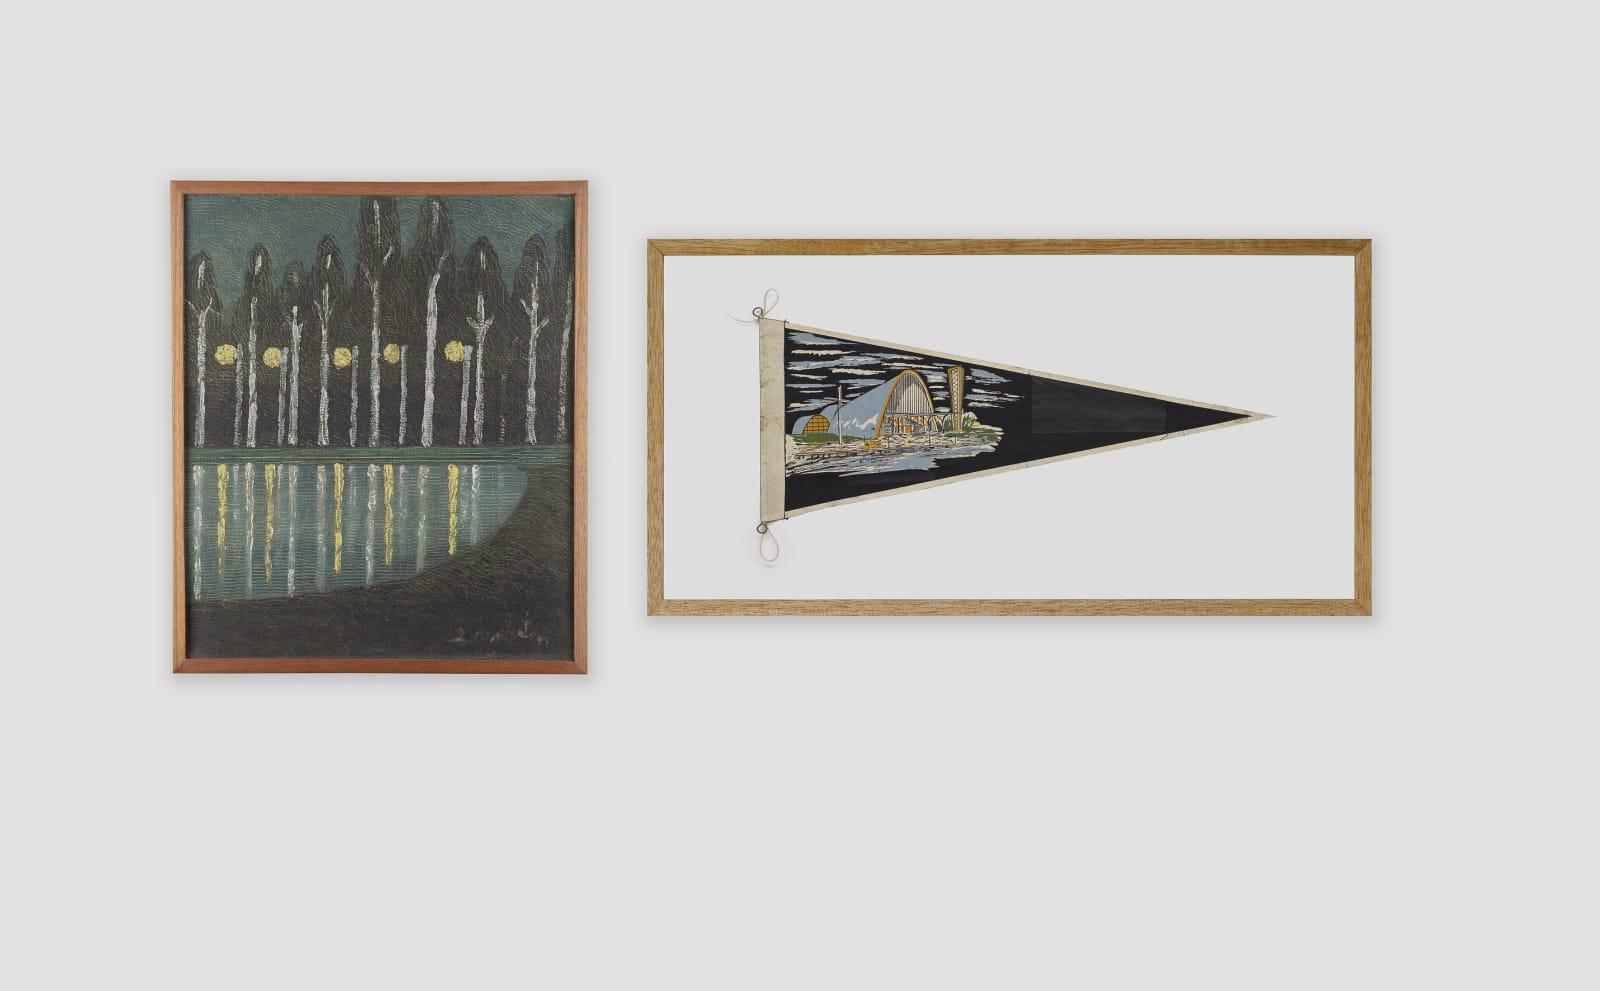 LORENZATO Reflexo, sem data Óleo sobre tela e madeira 42 x 35,5 cm BRUNO FARIA Lembranças de Paisagem I Belo Horizonte, 2020 Pintura e serigrafia sobre tecido 32 x 61,5 cm